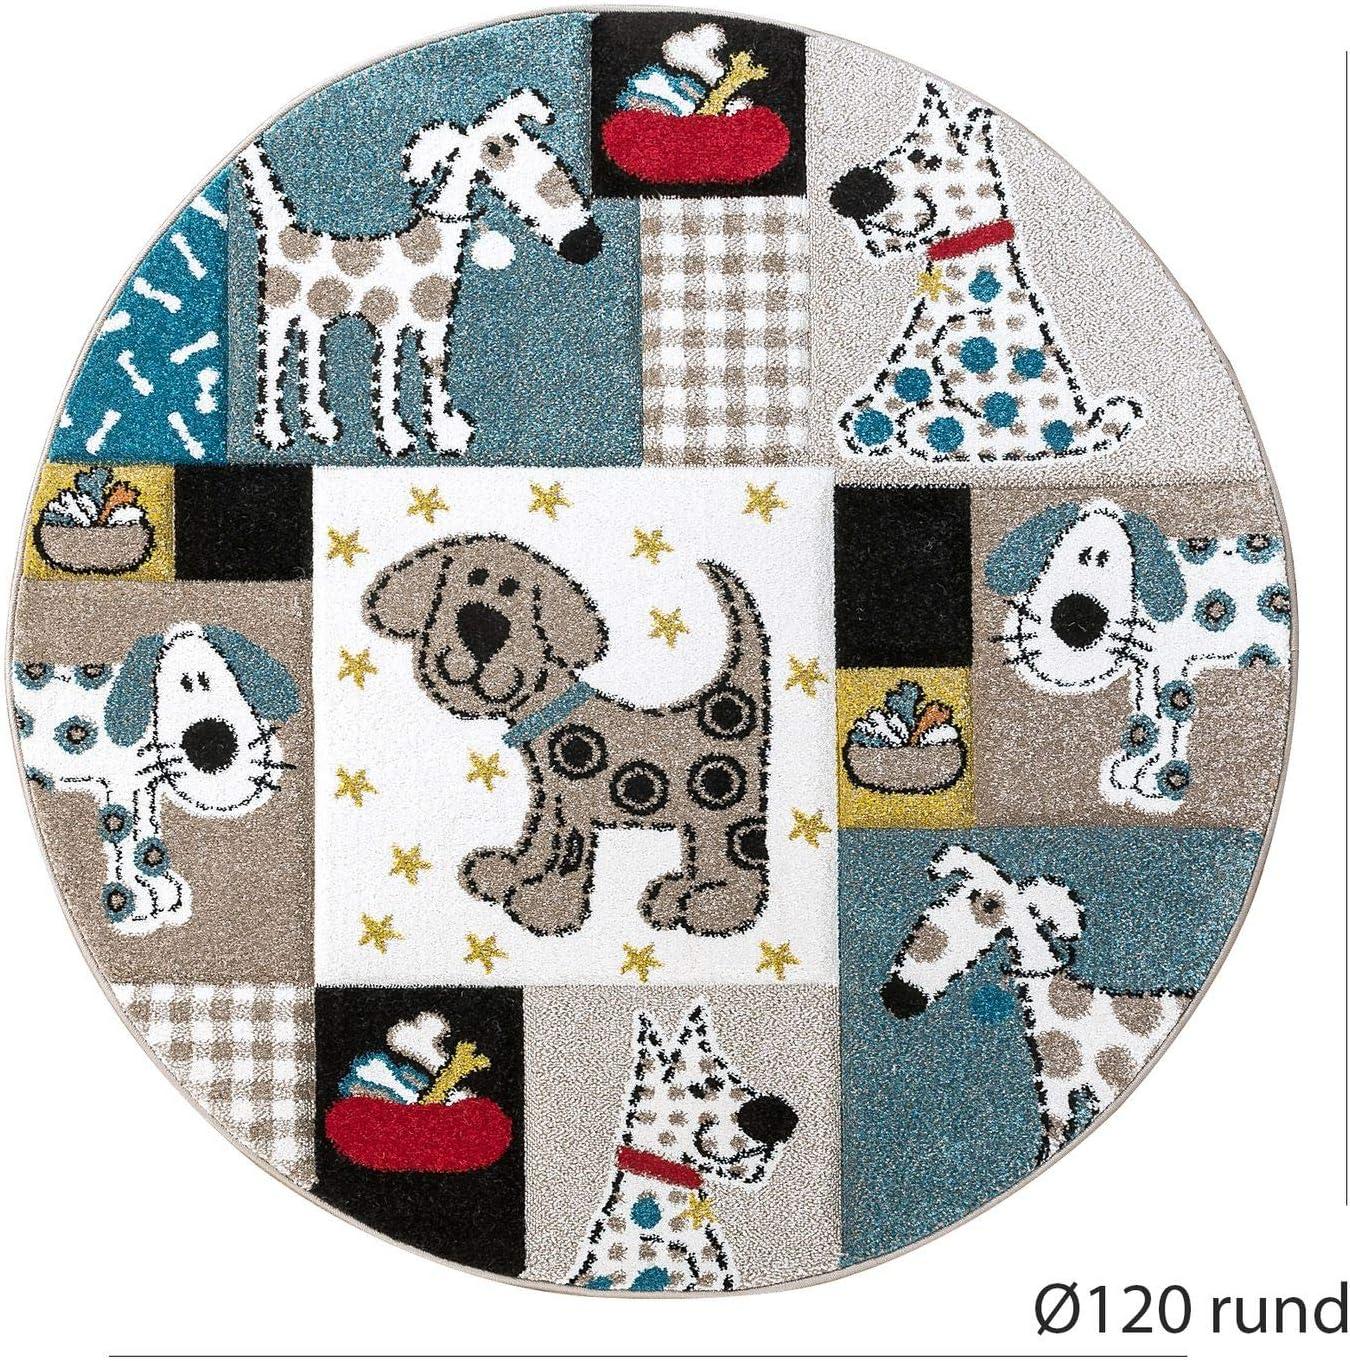 Gr/össe:/Ø 120 cm Rund Paco Home Kinderteppich Kinderzimmer Konturenschnitt Hunde Welt Beige Blau Pastellfarben